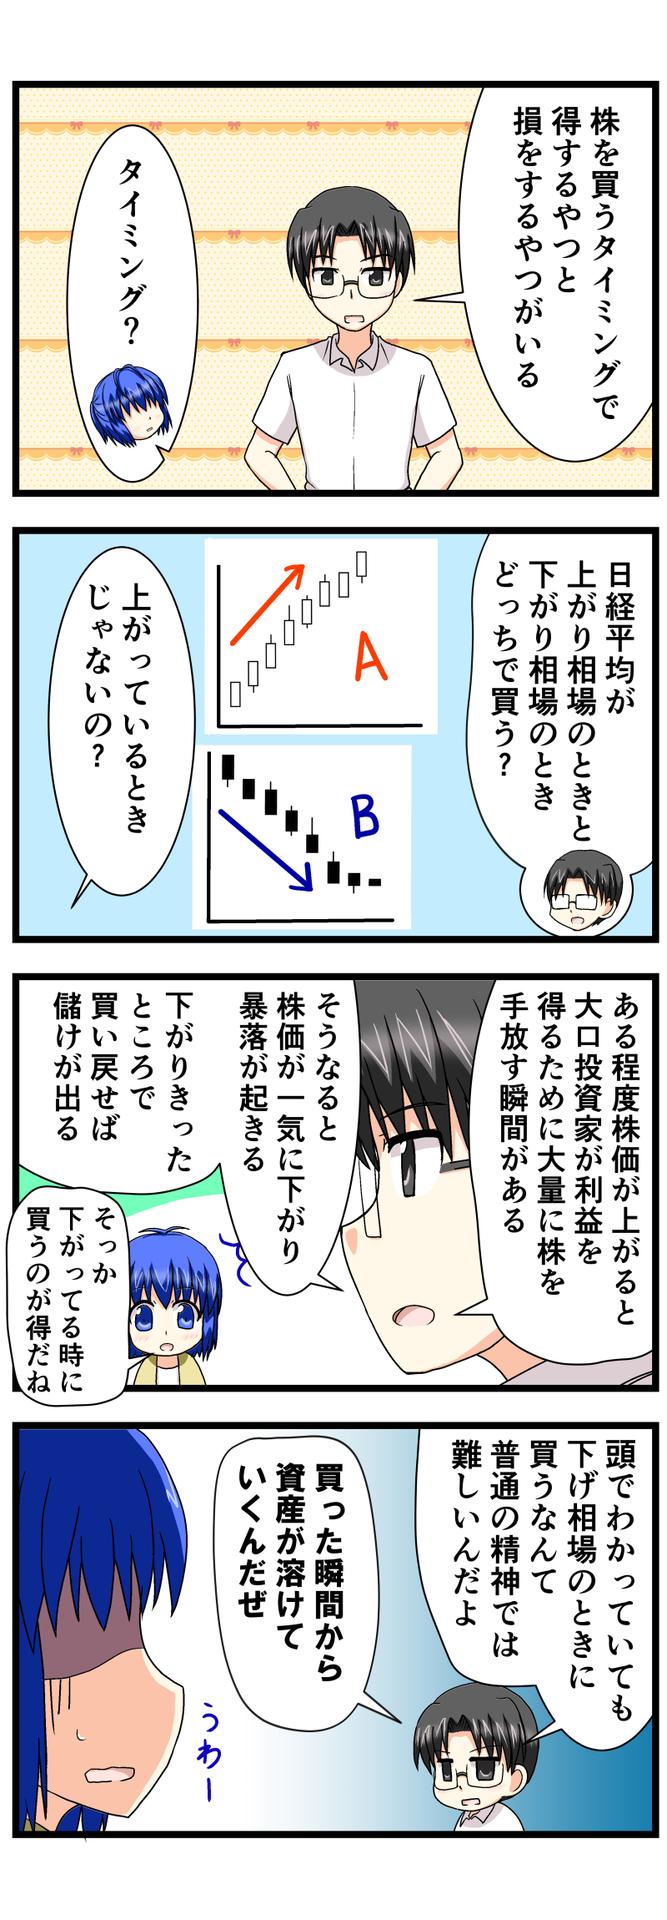 萌える株セミナー没1.jpg